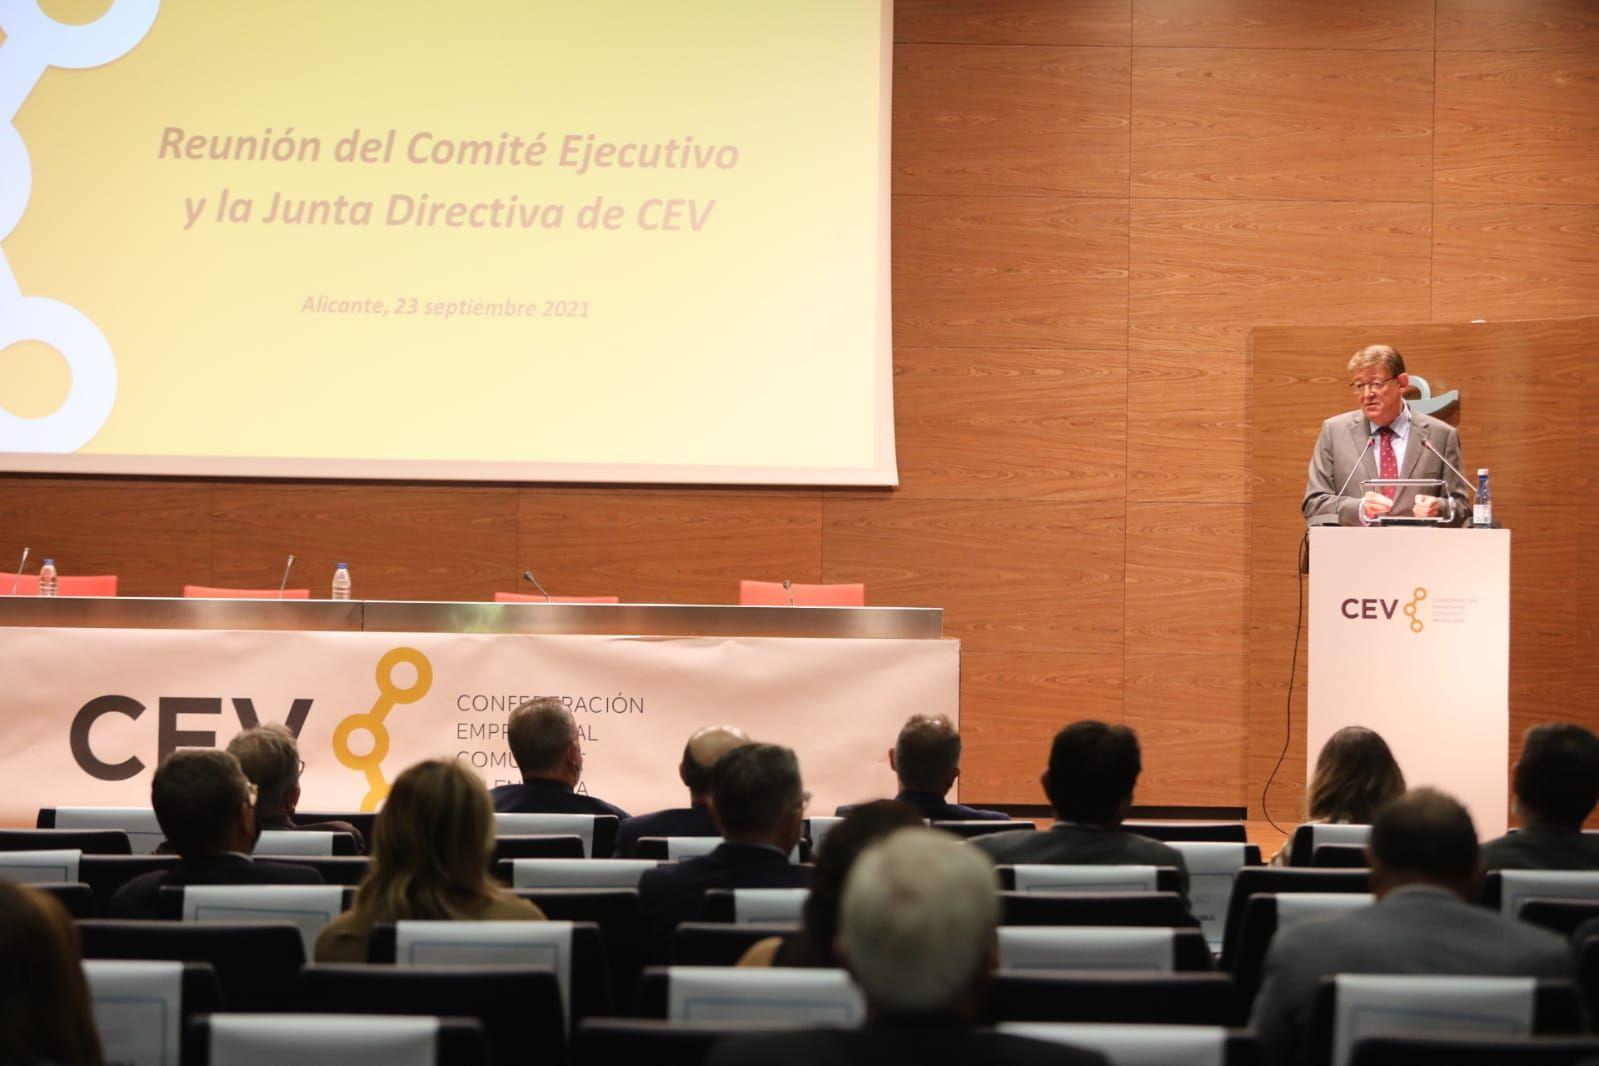 Salvador Navarro y Perfecto Palacio optarán a la reelección en la CEV